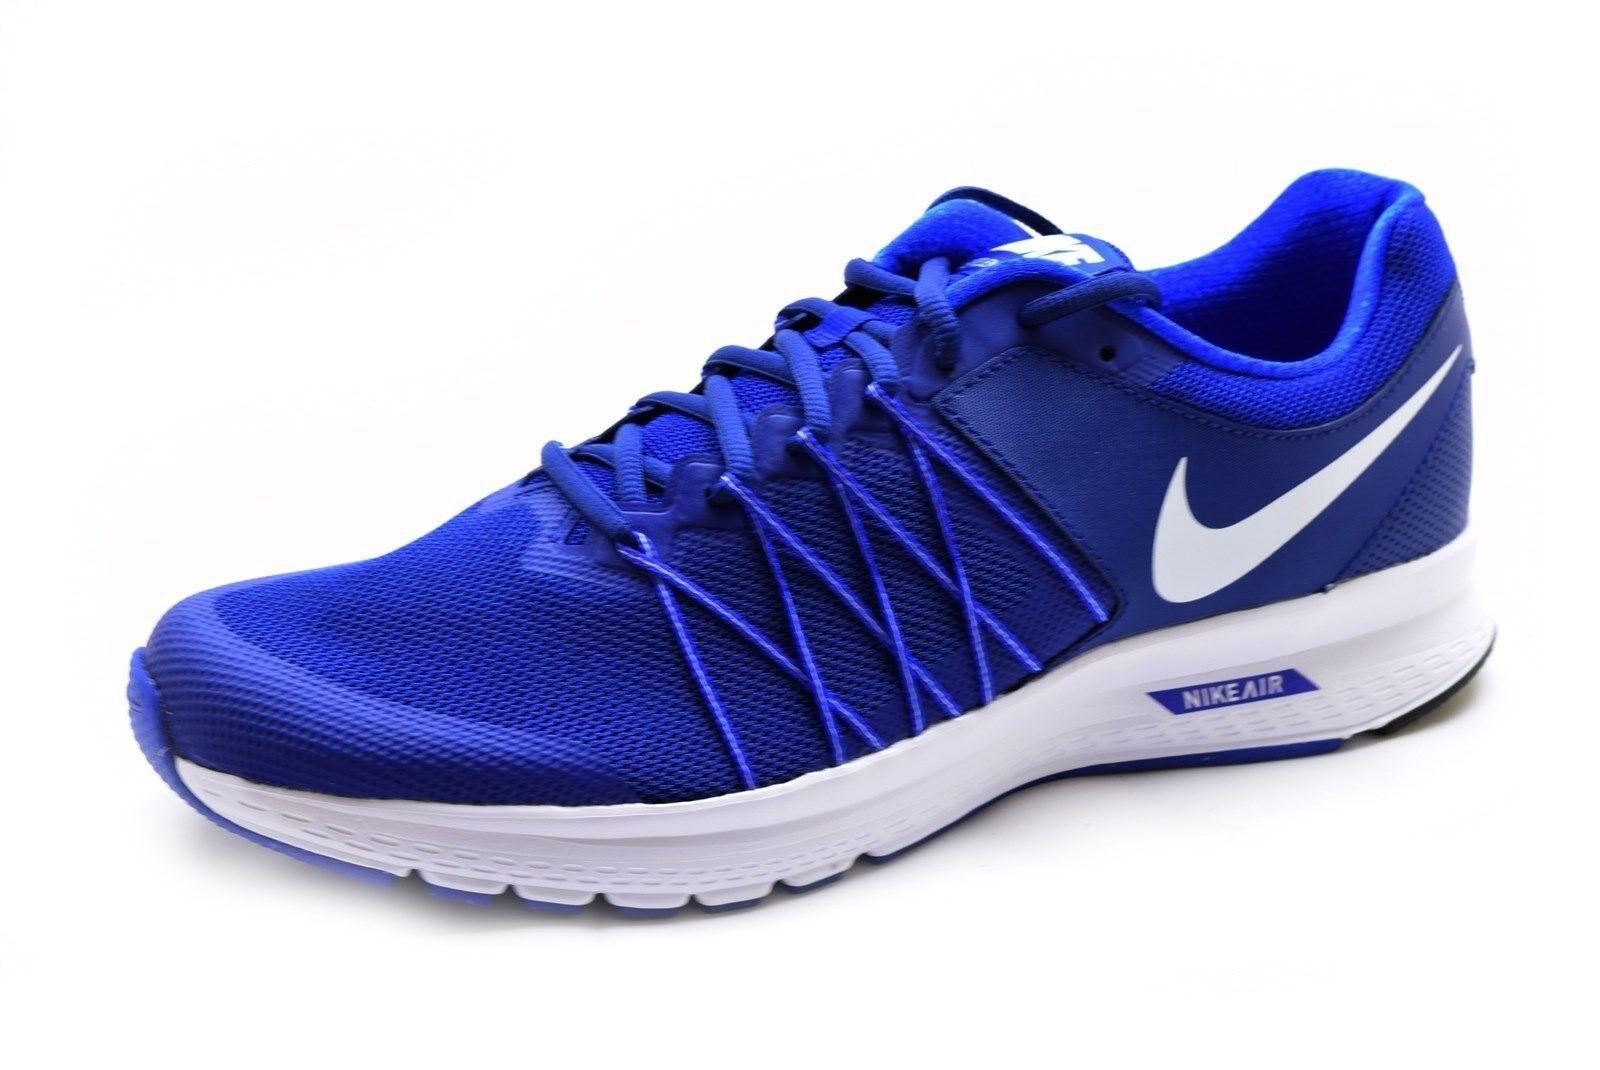 Der nike air relentless men 6 dark Blau / Weiß men relentless 's running schuhe der größe 10,5 - nib 90bb2b